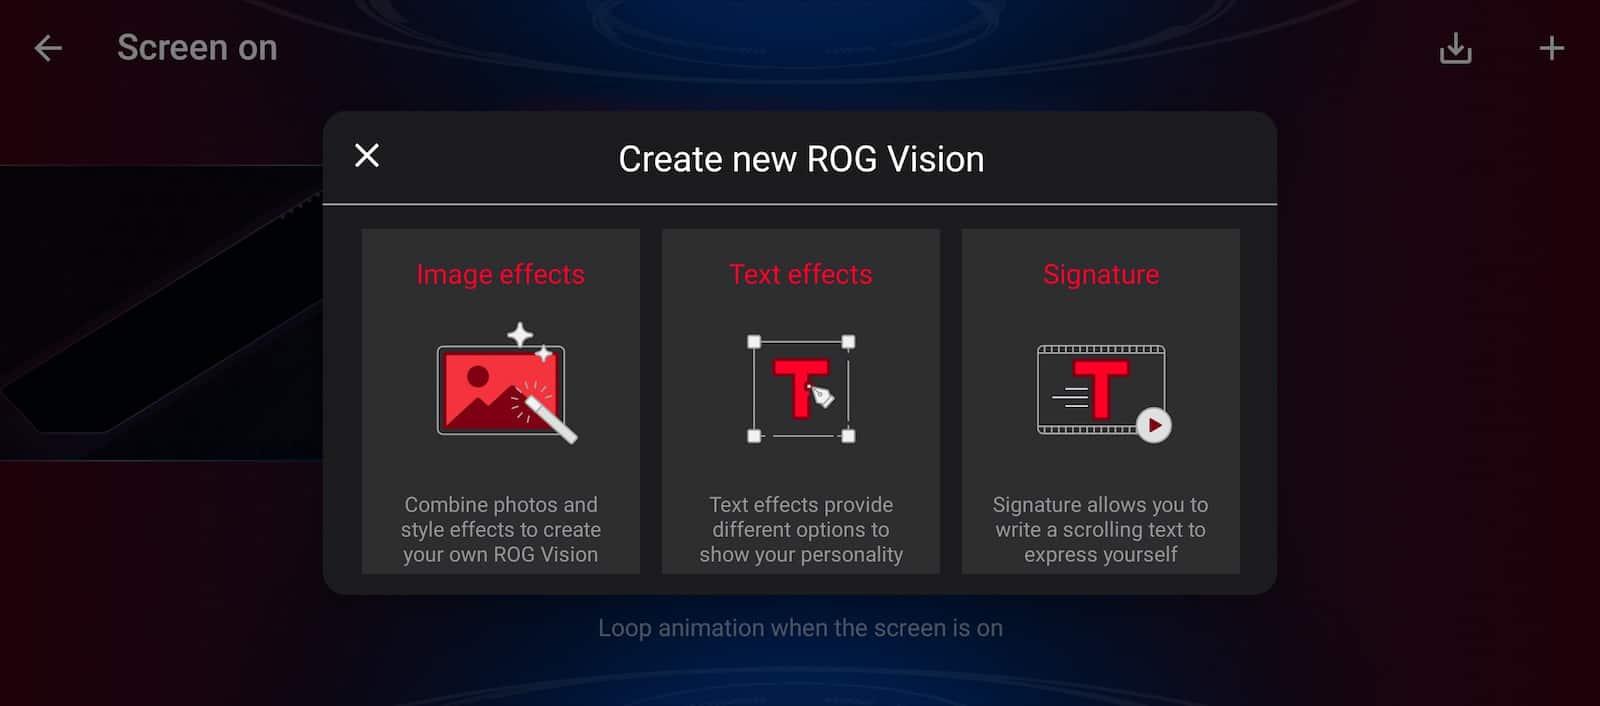 ASUS ROG Phone 5 Ultimate Review 13